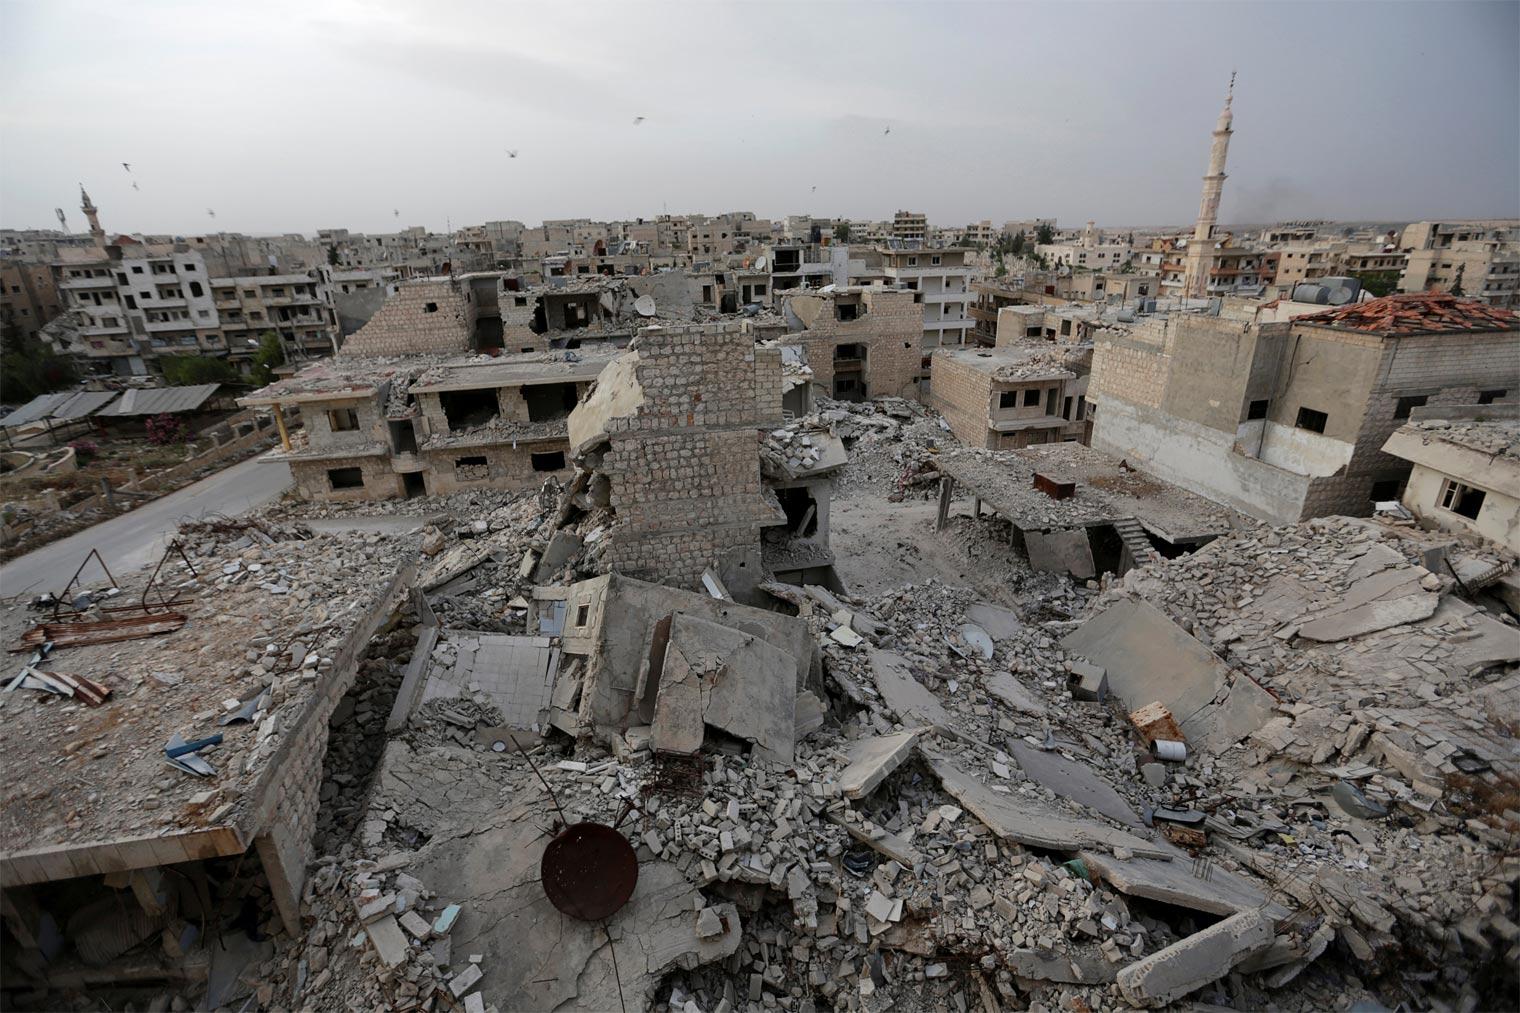 Esta vez, las victimas se produjeron debido a enfrentamientos entre rebeldes islamistas rivales